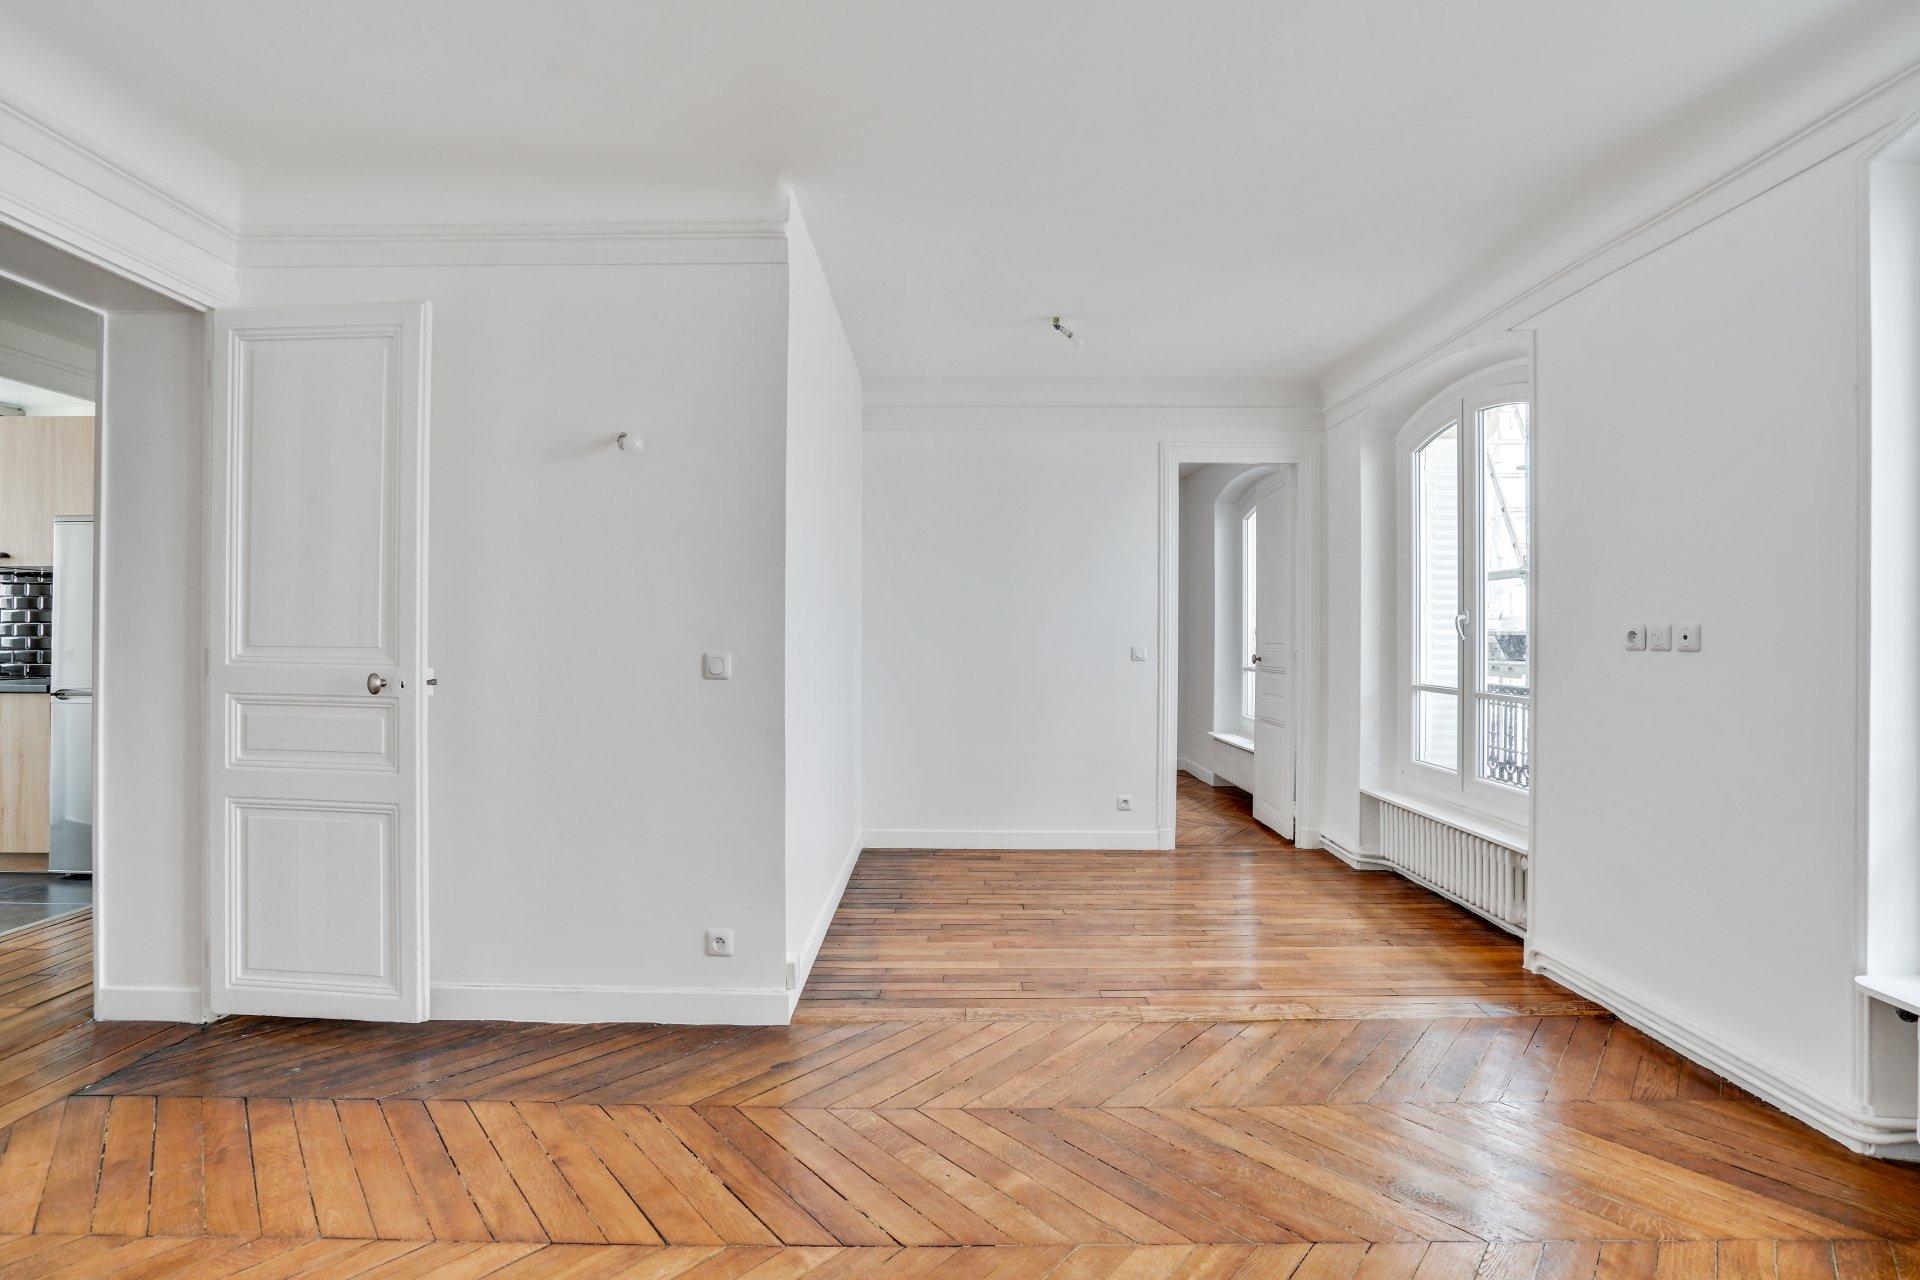 Vente quartier des Belles Feuilles, 4 p, 2 chambres